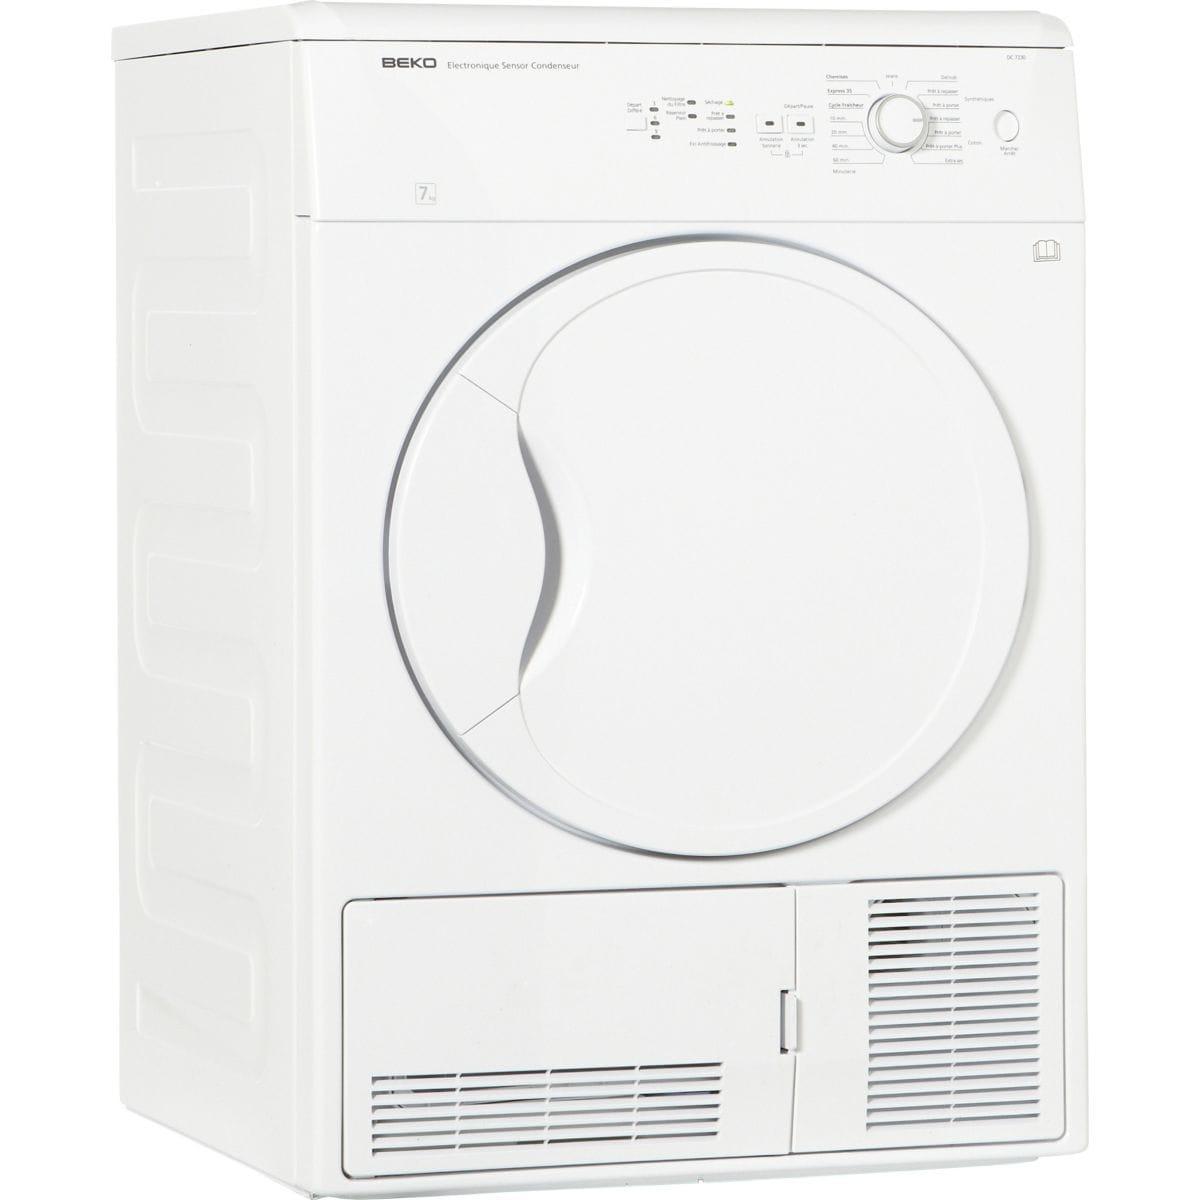 Sèche-linge à condensation BEKO DC 7230